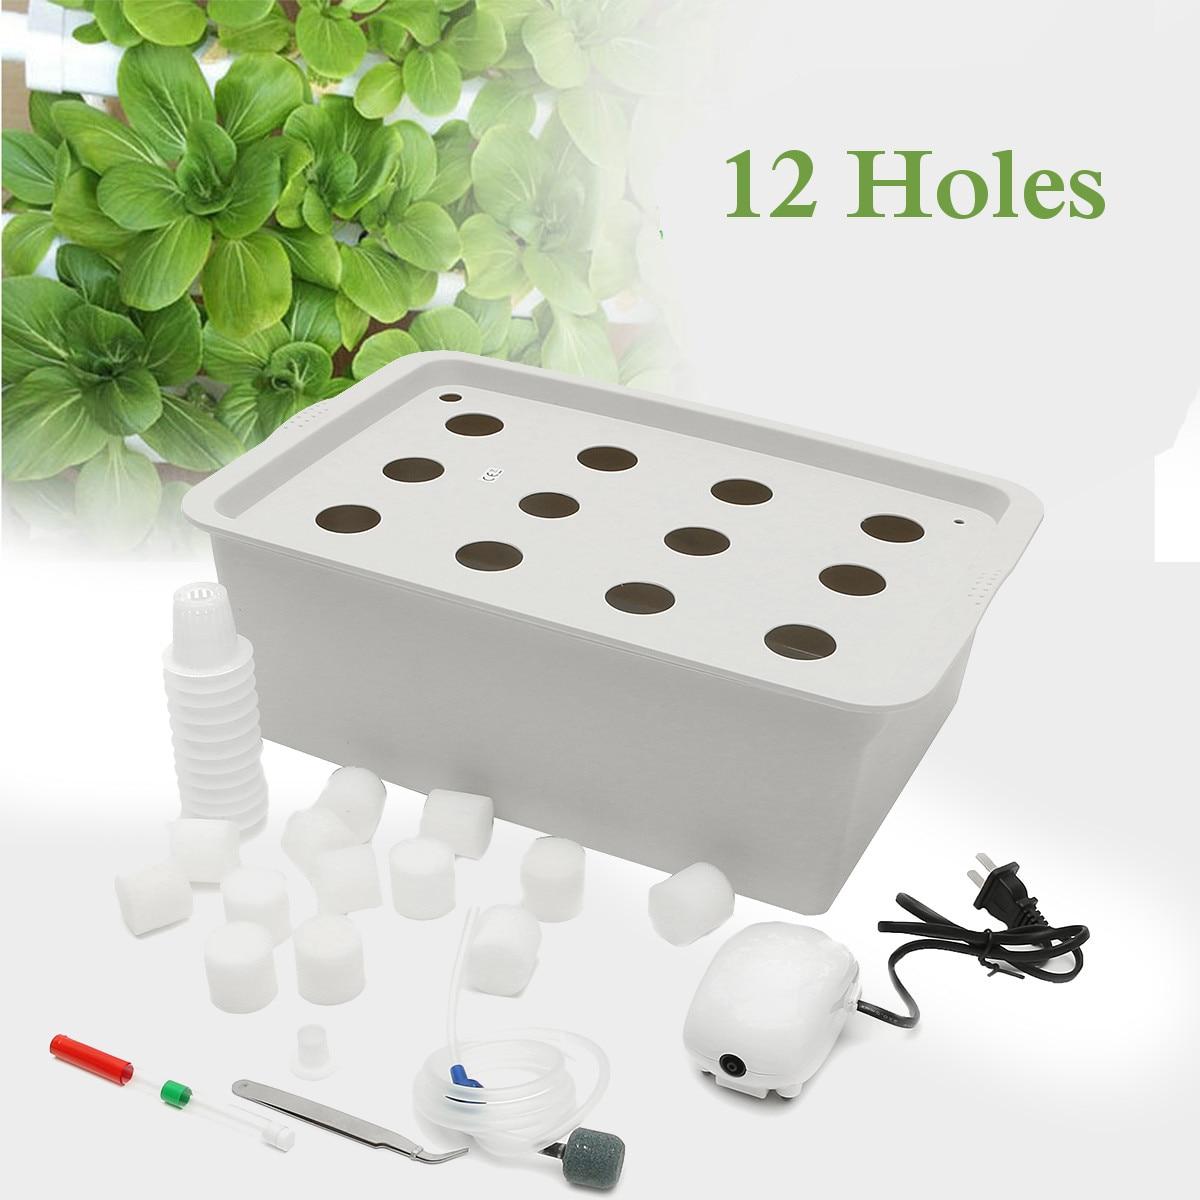 12 Trous Usine Site Hydroponique Jardin Pots Planteurs Système Intérieur Jardin Cabinet Boîte Kit de culture Bulle Pots de Pépinière